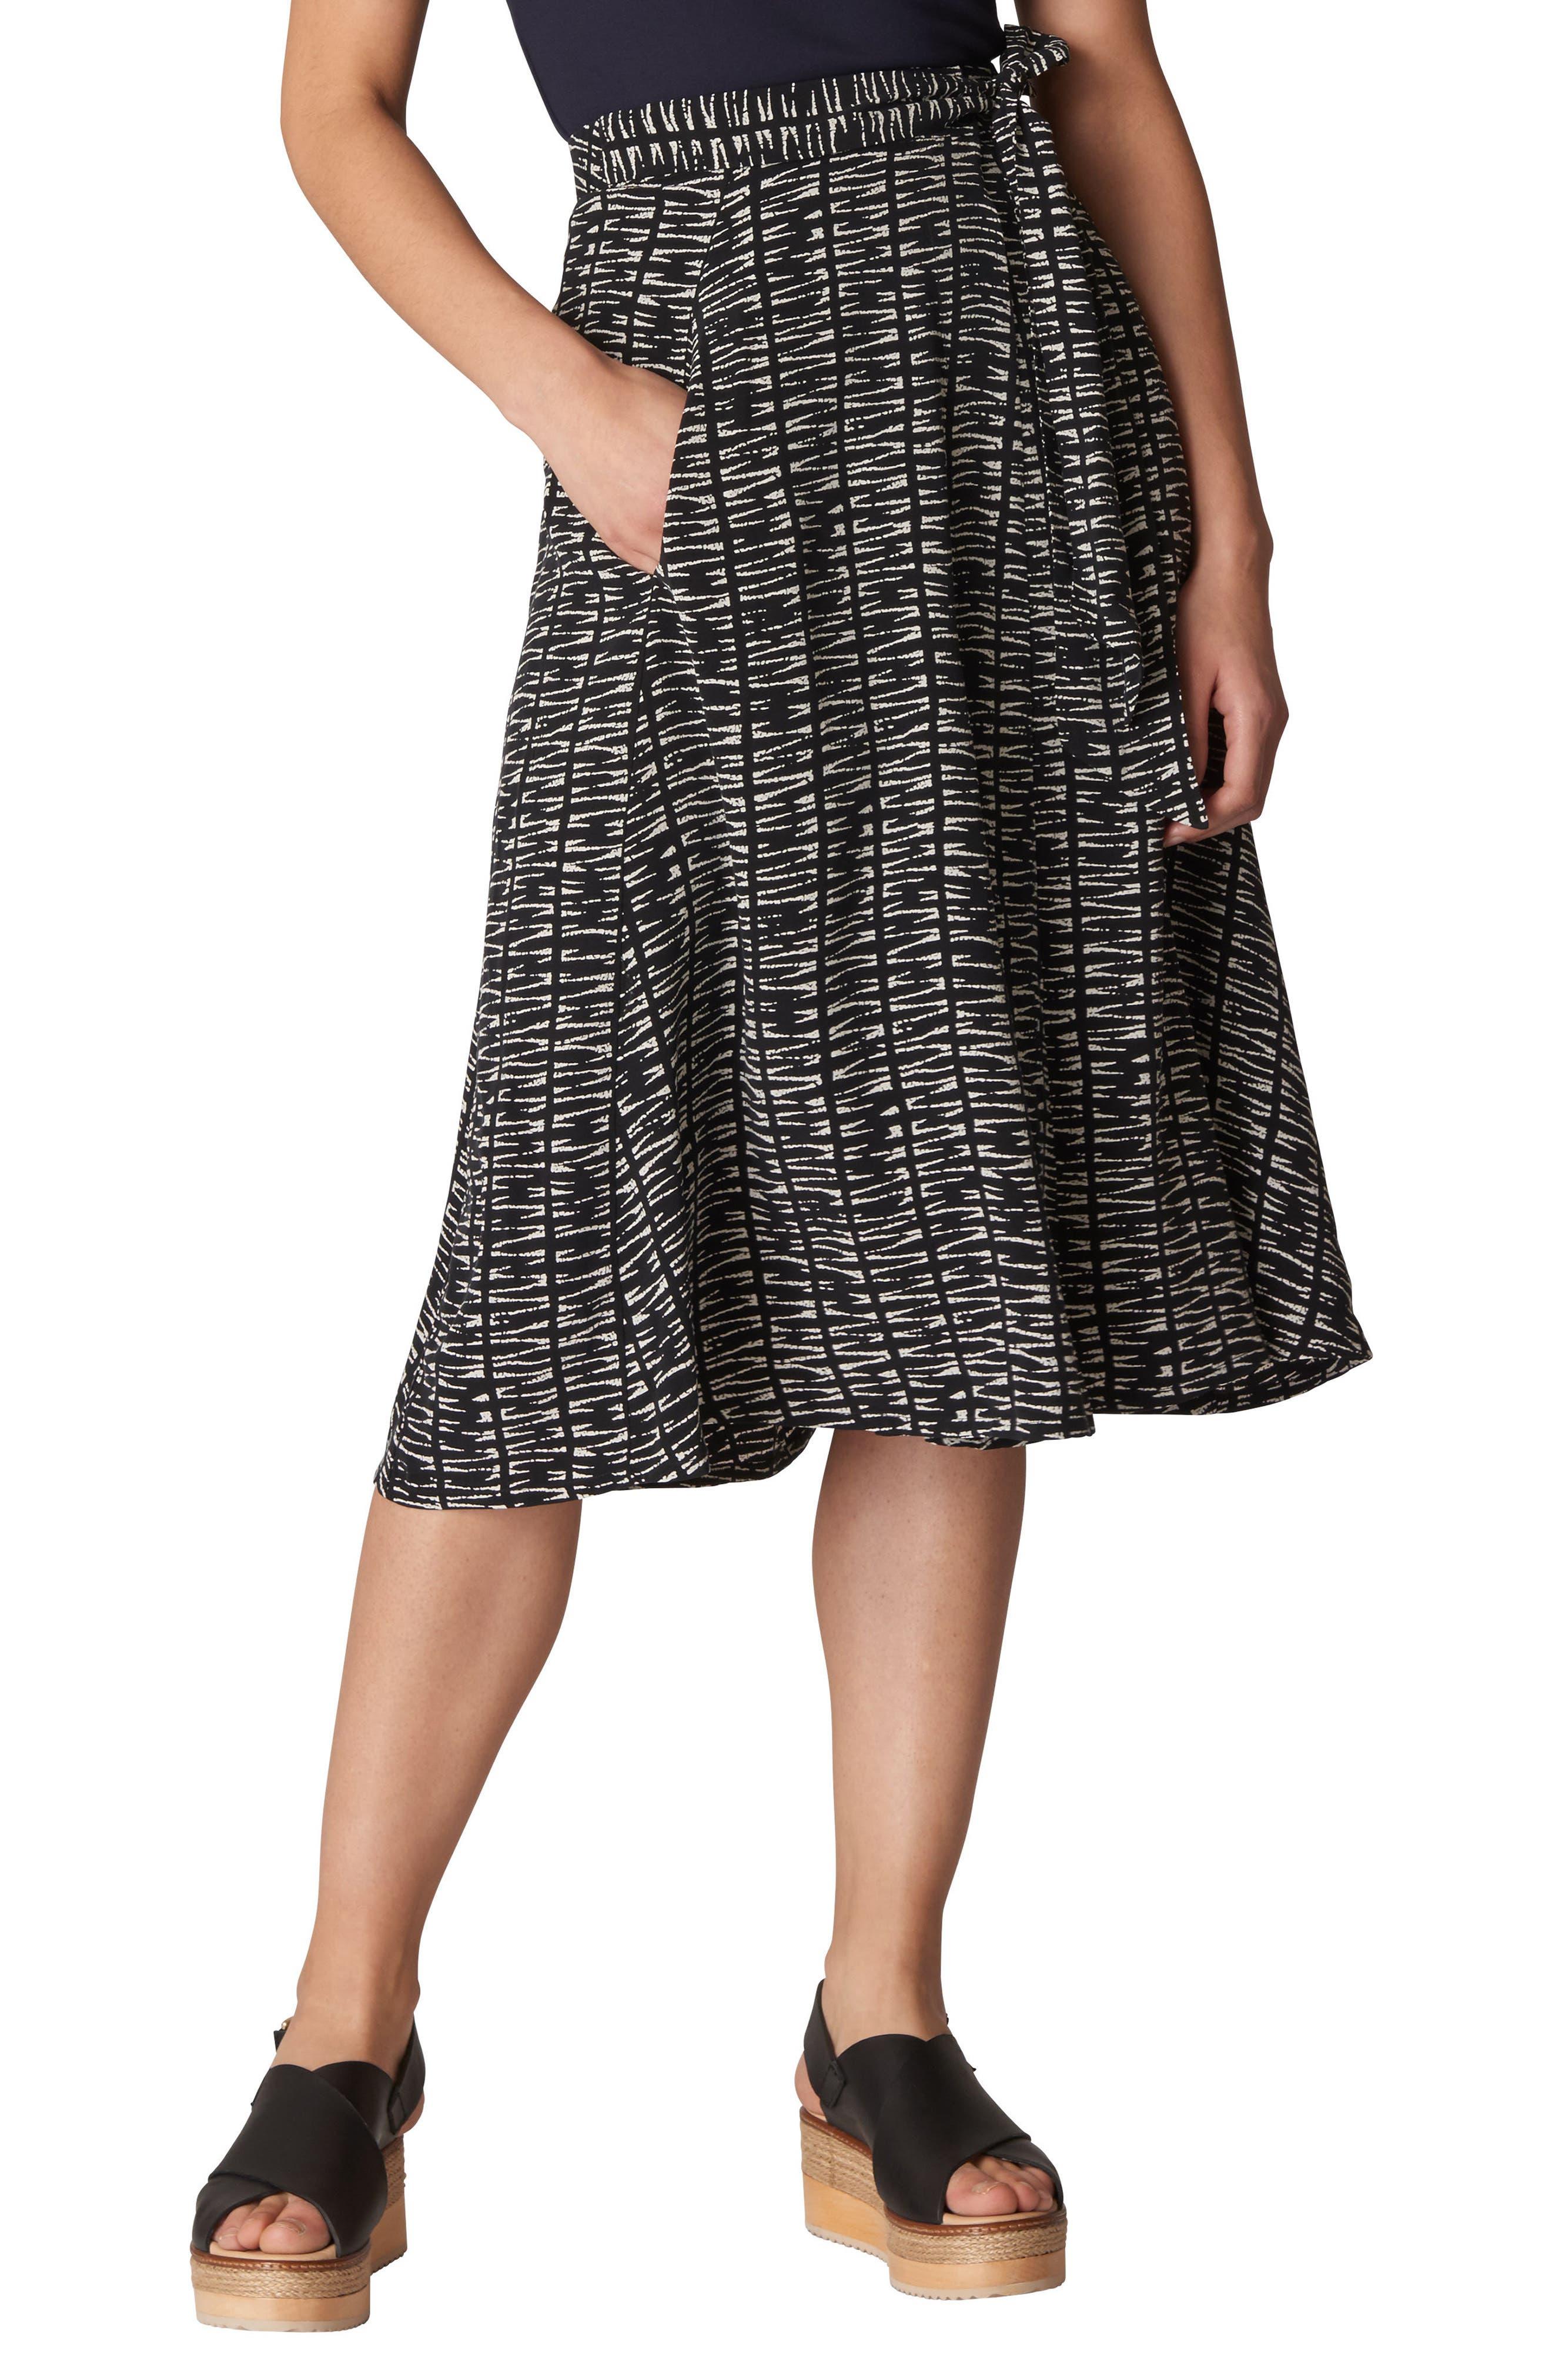 Avie Sahara Print Wrap Skirt,                             Main thumbnail 1, color,                             001